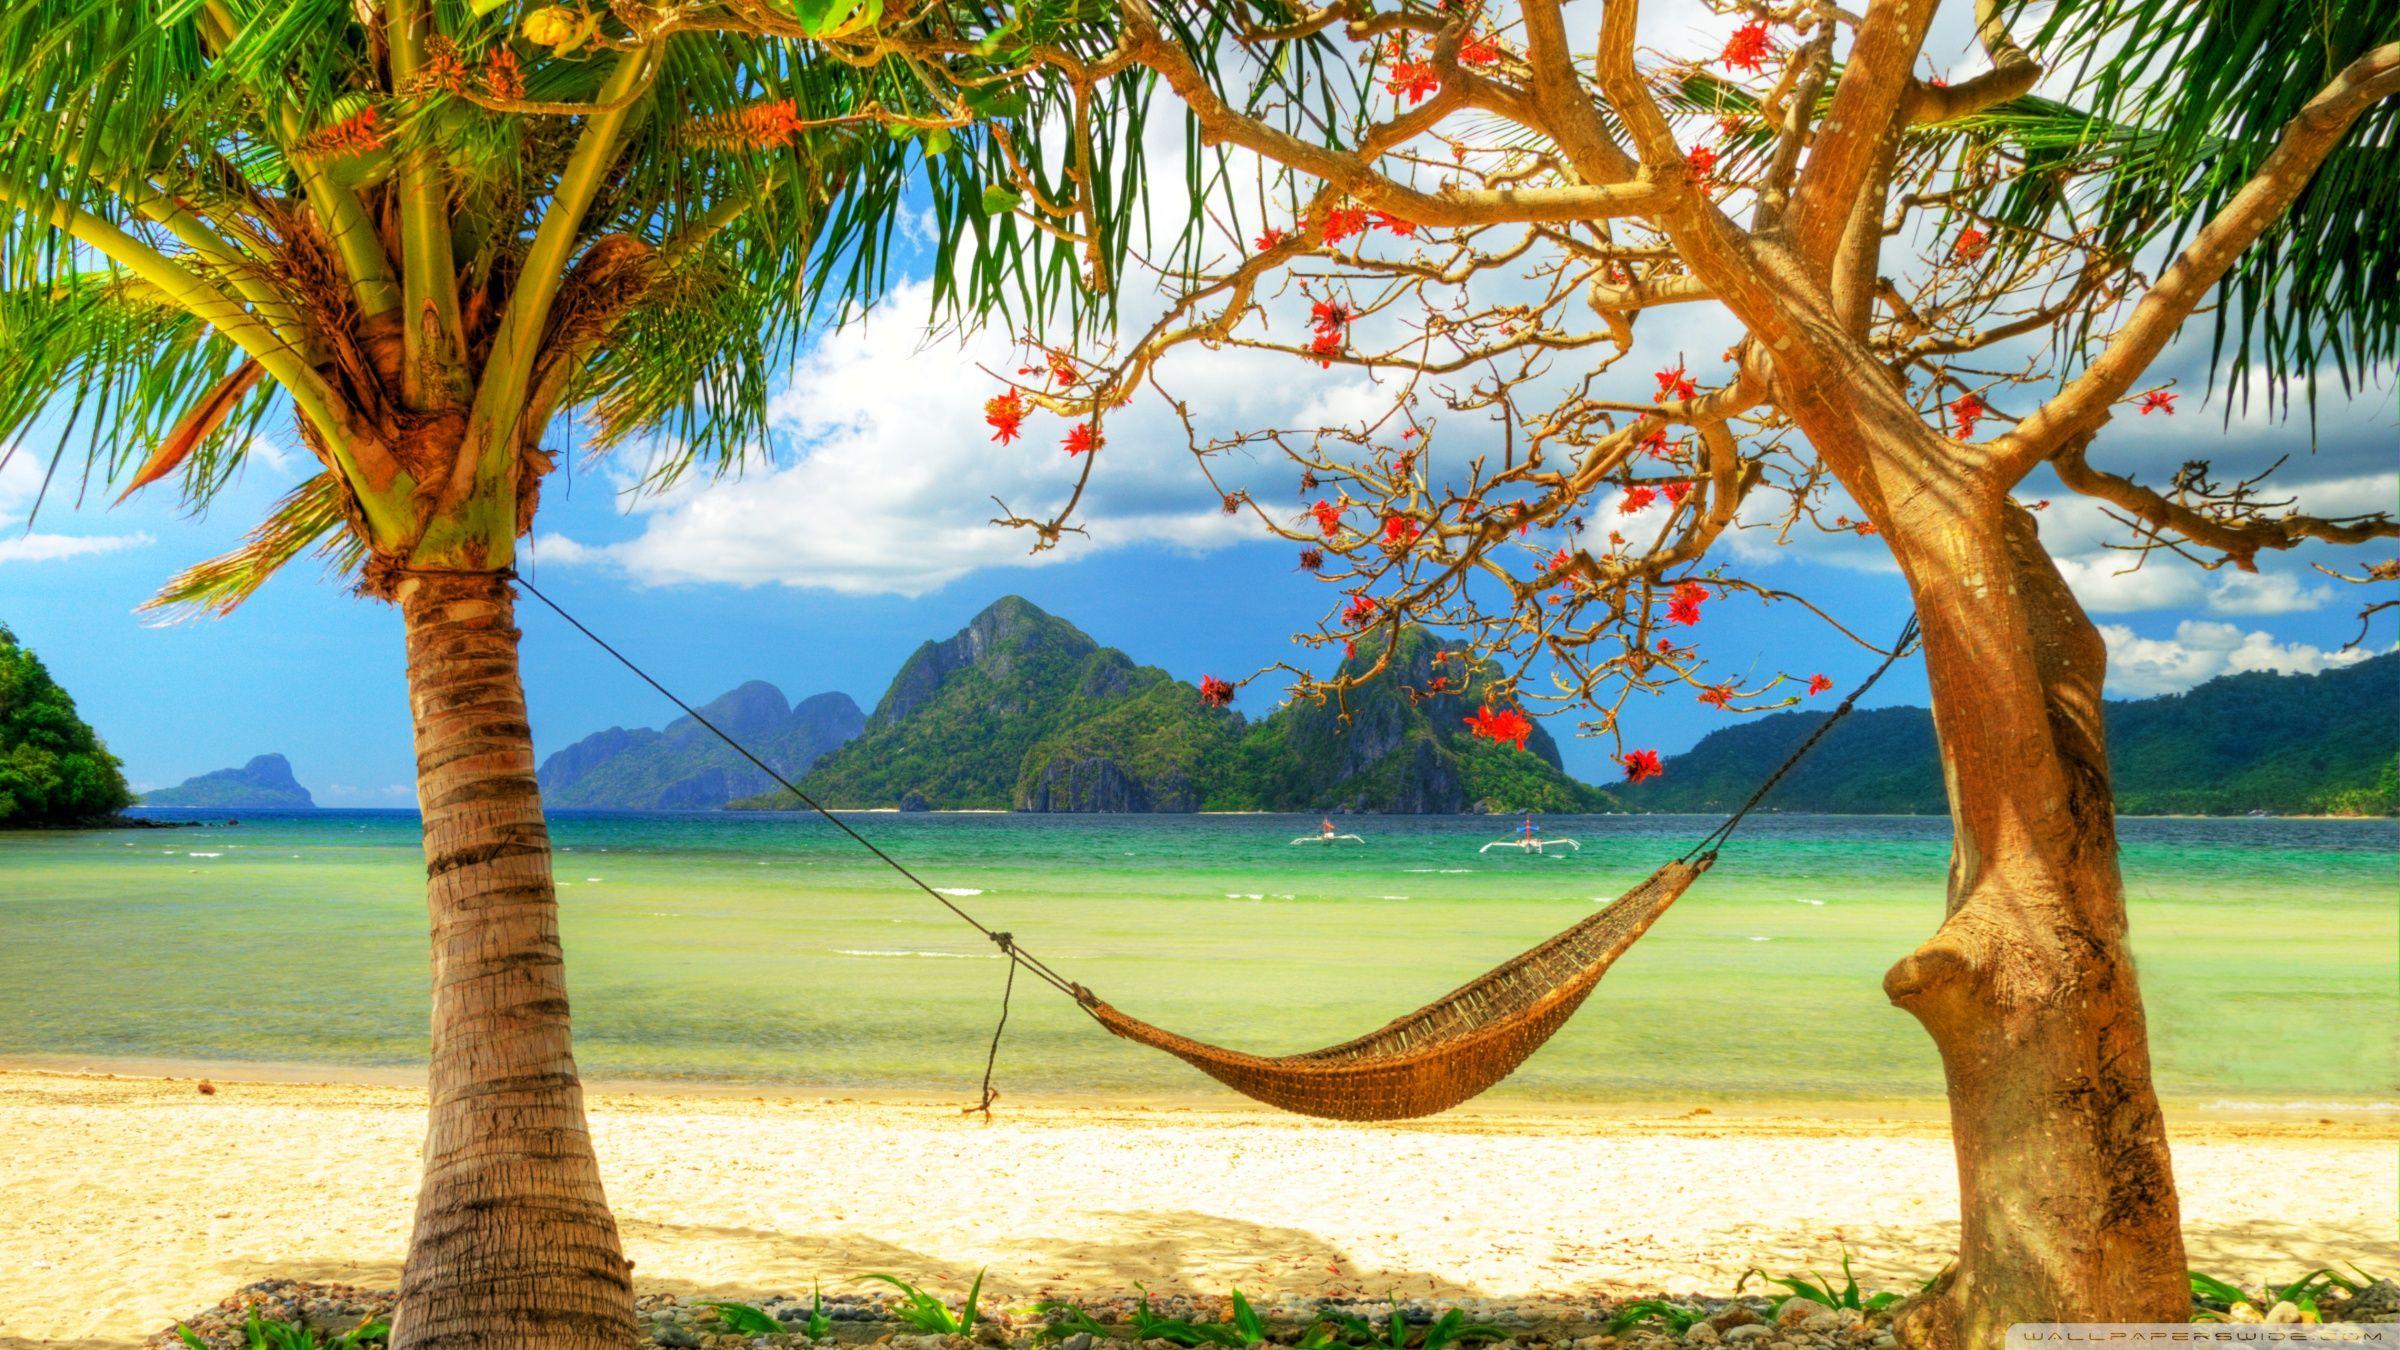 Fondos-pantalla-paisajes-hermosos-bonitos-naturales